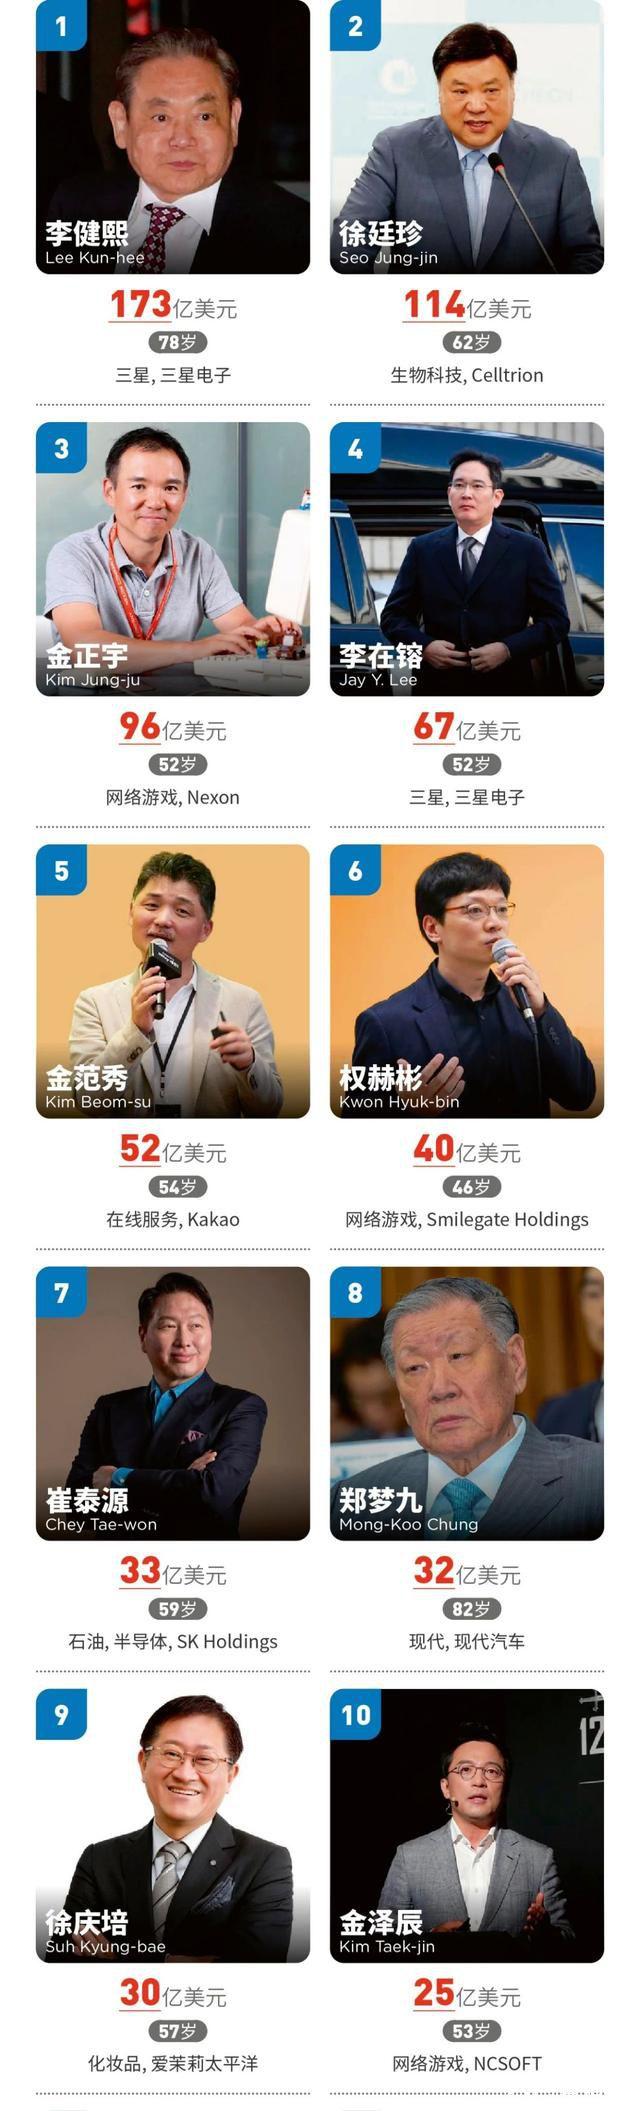 福布斯发布2020年韩国富豪榜 三星会长李健熙居首